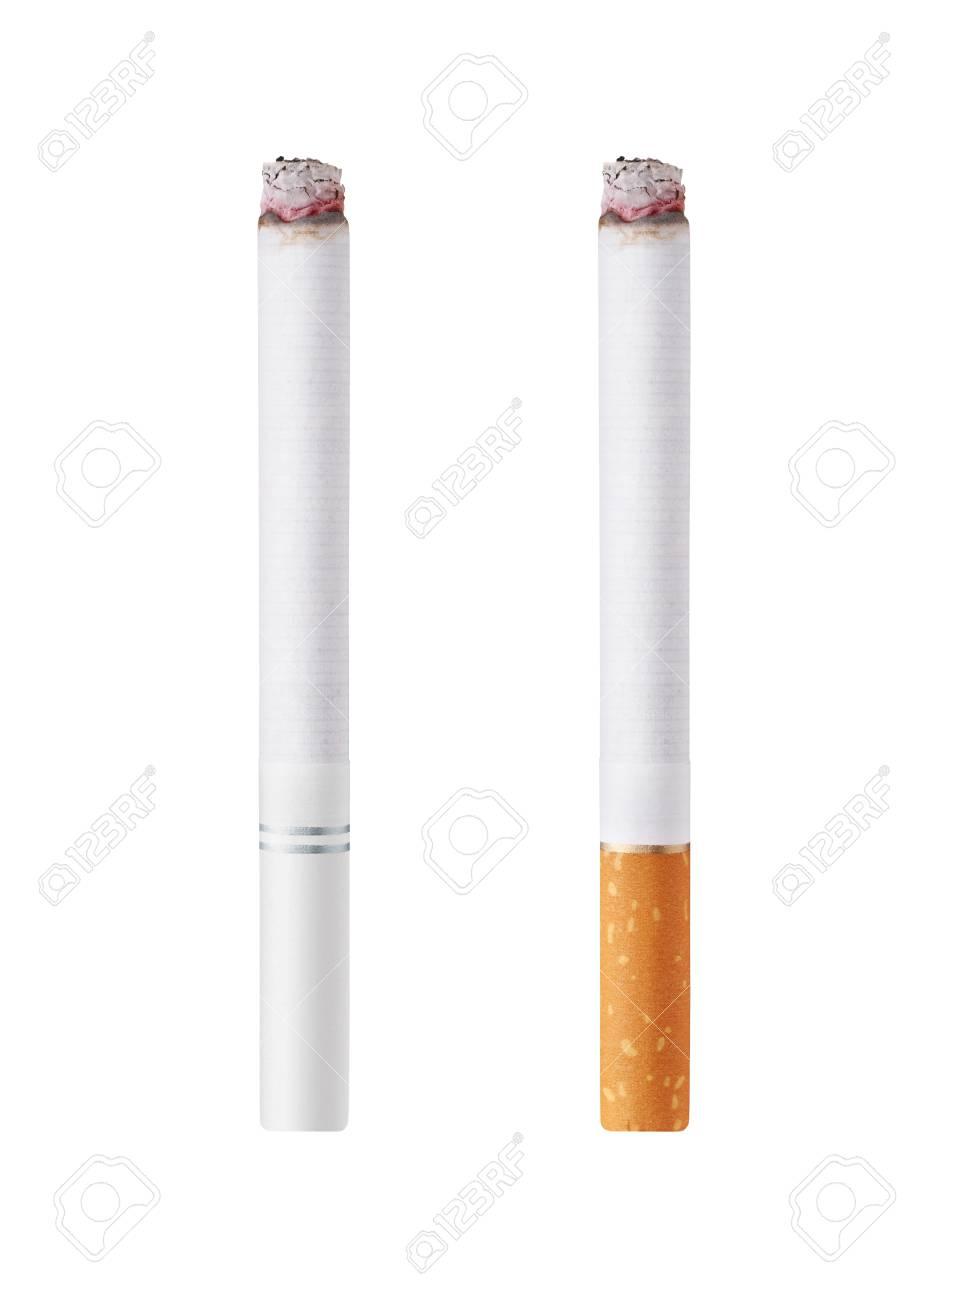 Filter zigaretten weißer Zigarettenfilter: Die